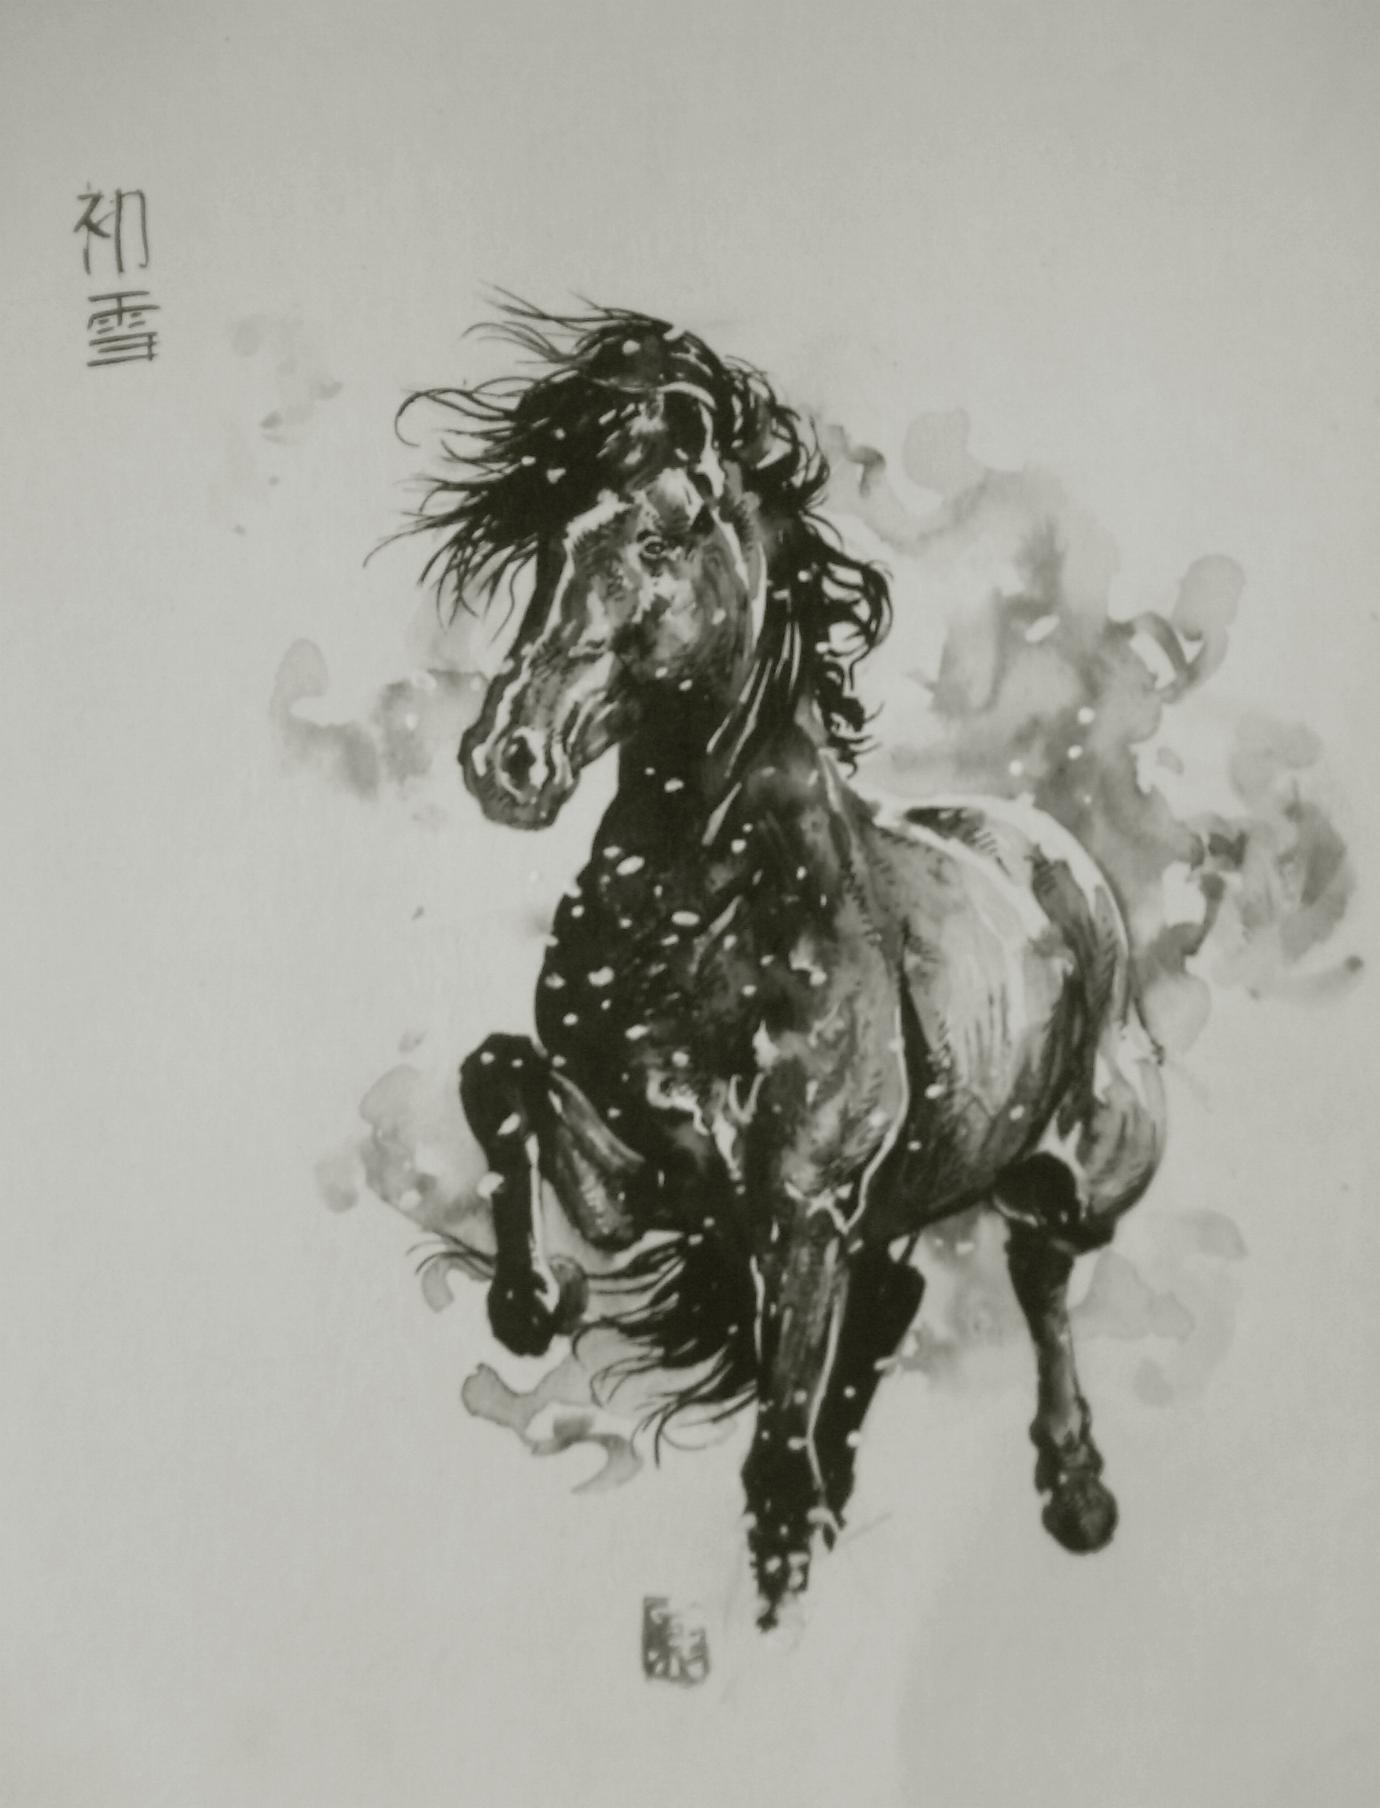 Dessins en noir et blanc encre de chine c et - Dessin animaux noir et blanc ...